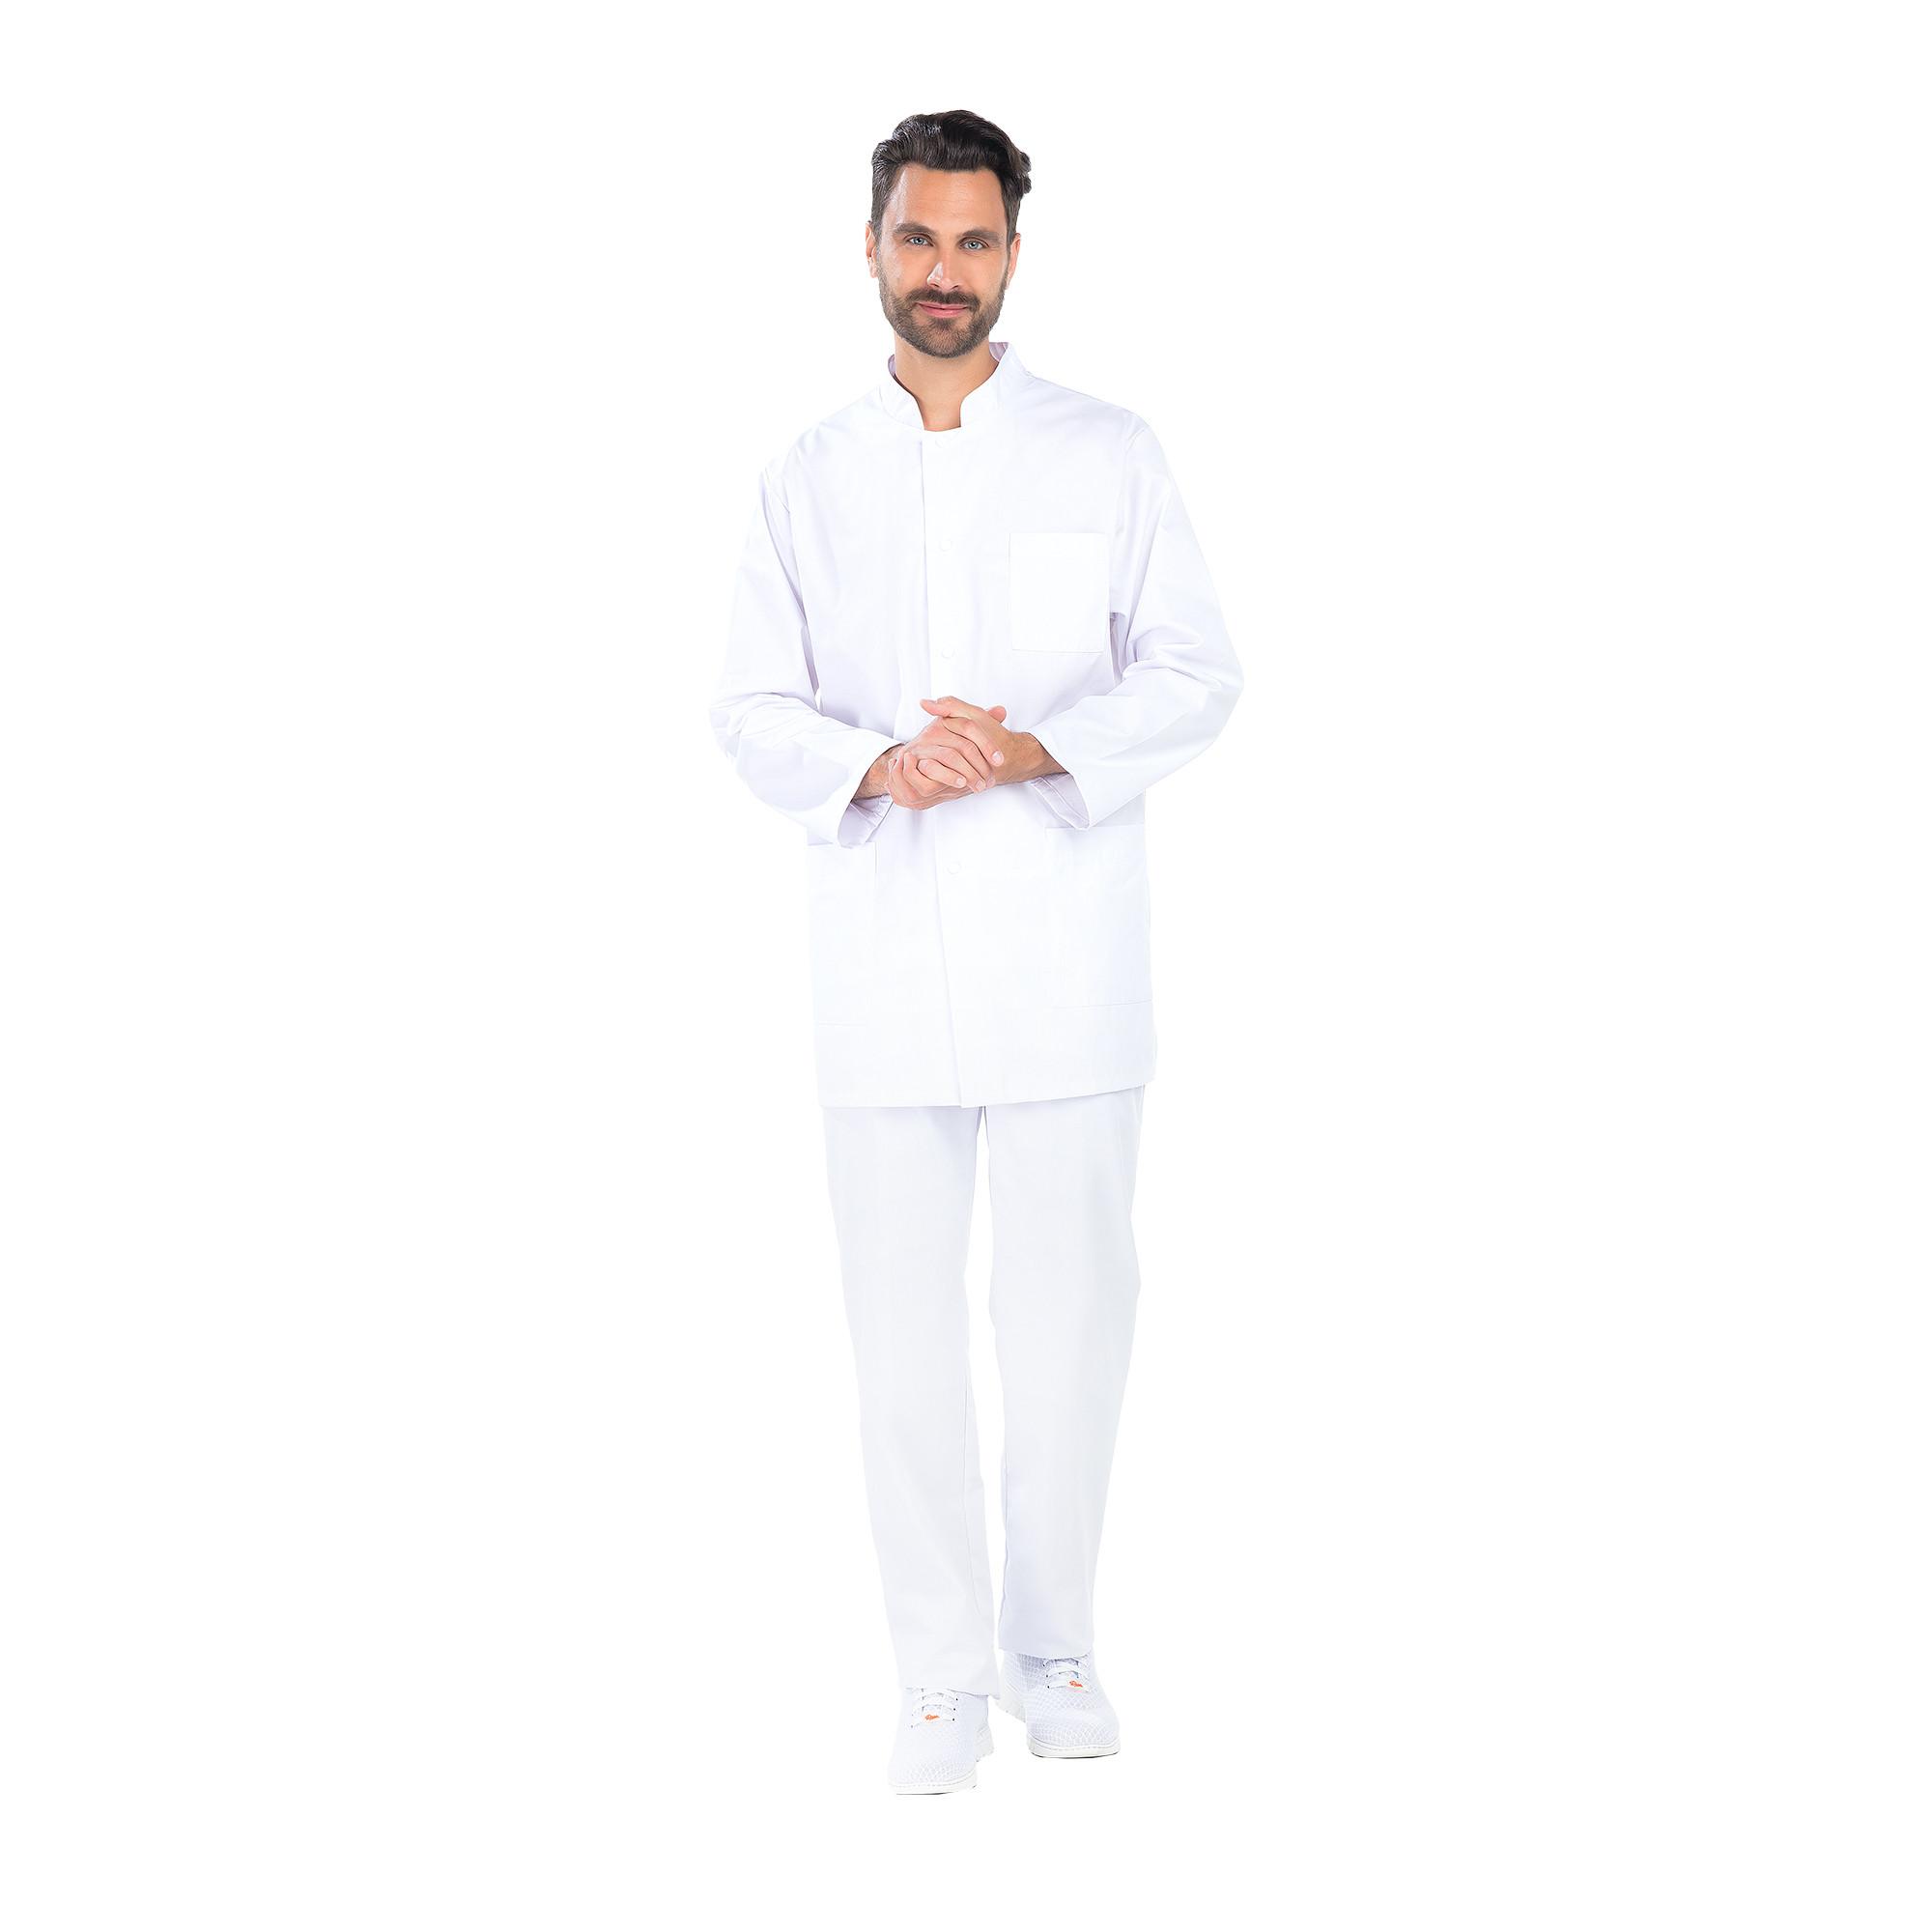 Grégory - Blouse 3/4 - Manches longues - Homme - 85 cm